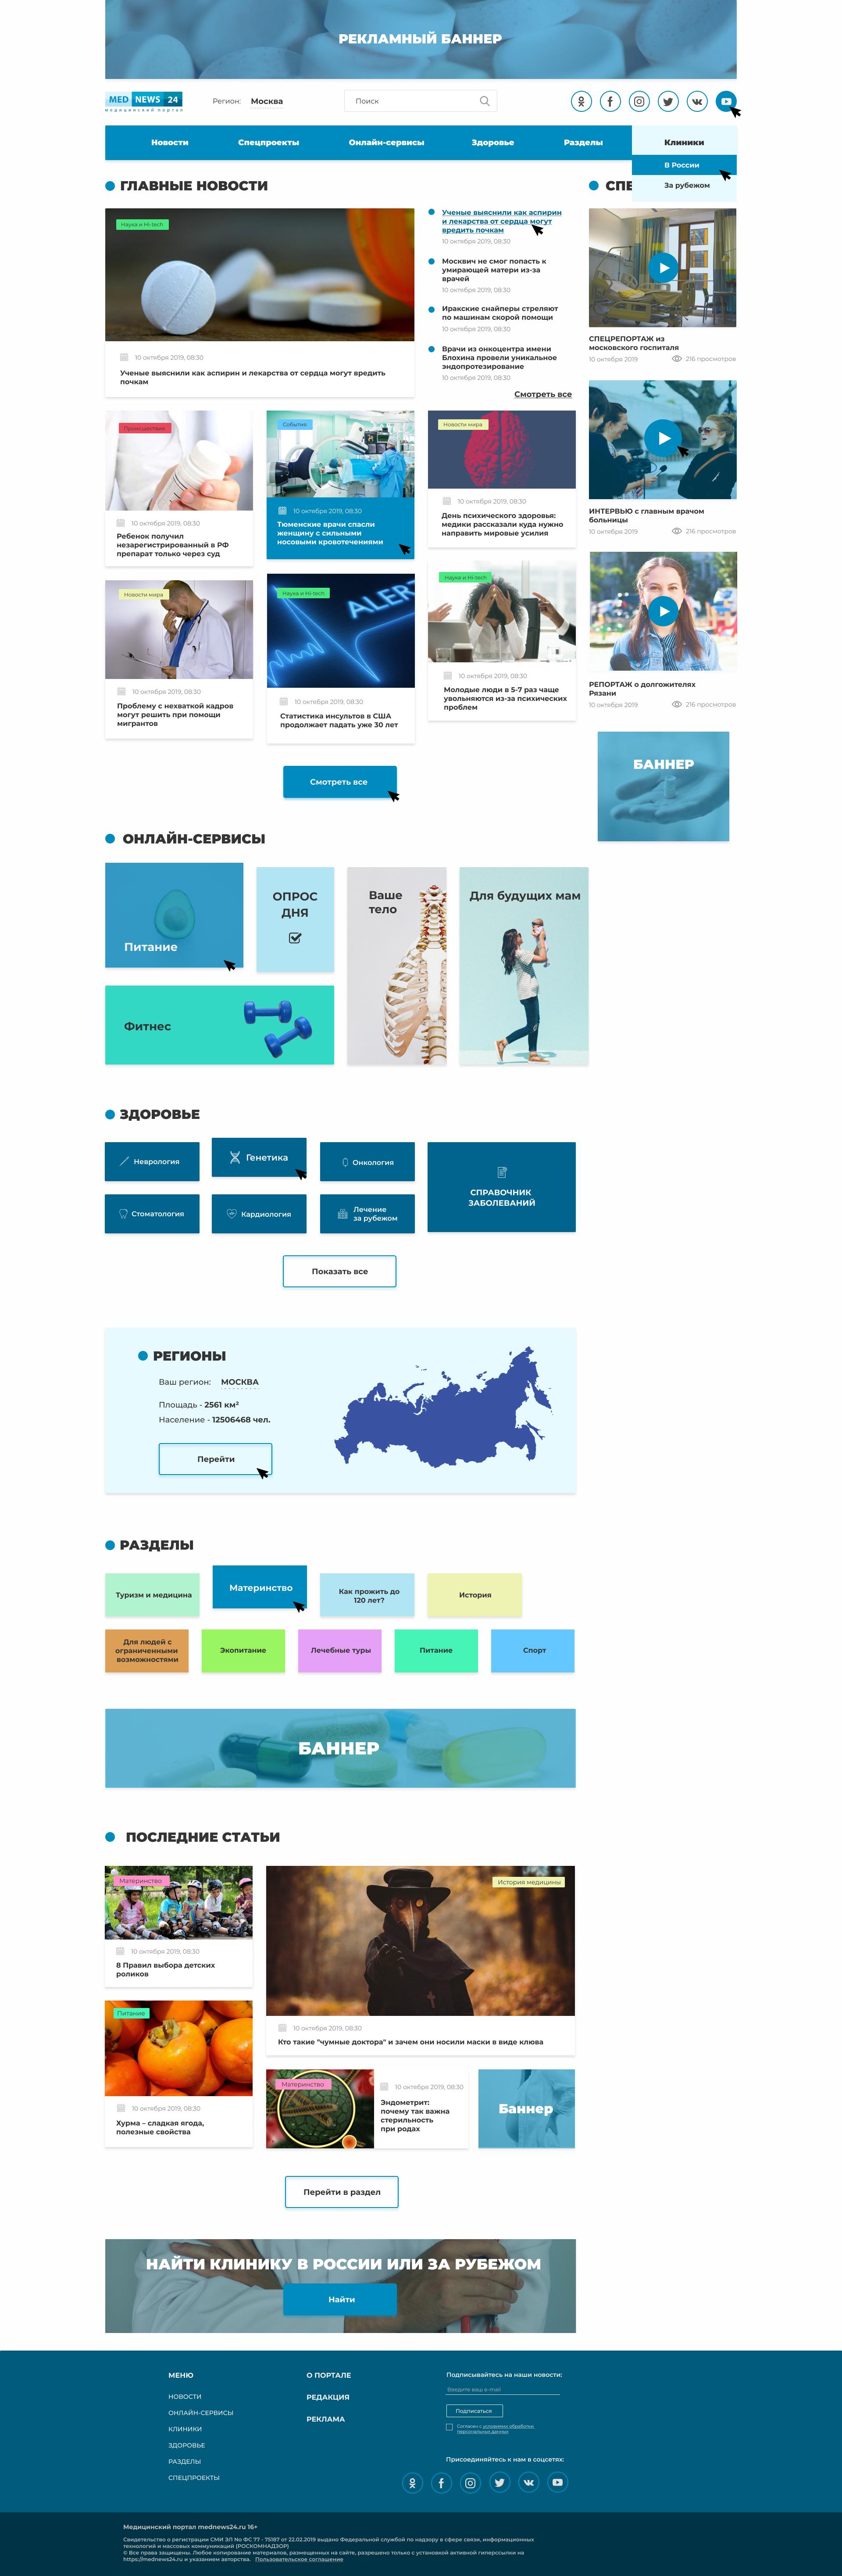 Редизайн главной страницы портала mednews24.ru фото f_3755da05035f034a.jpg